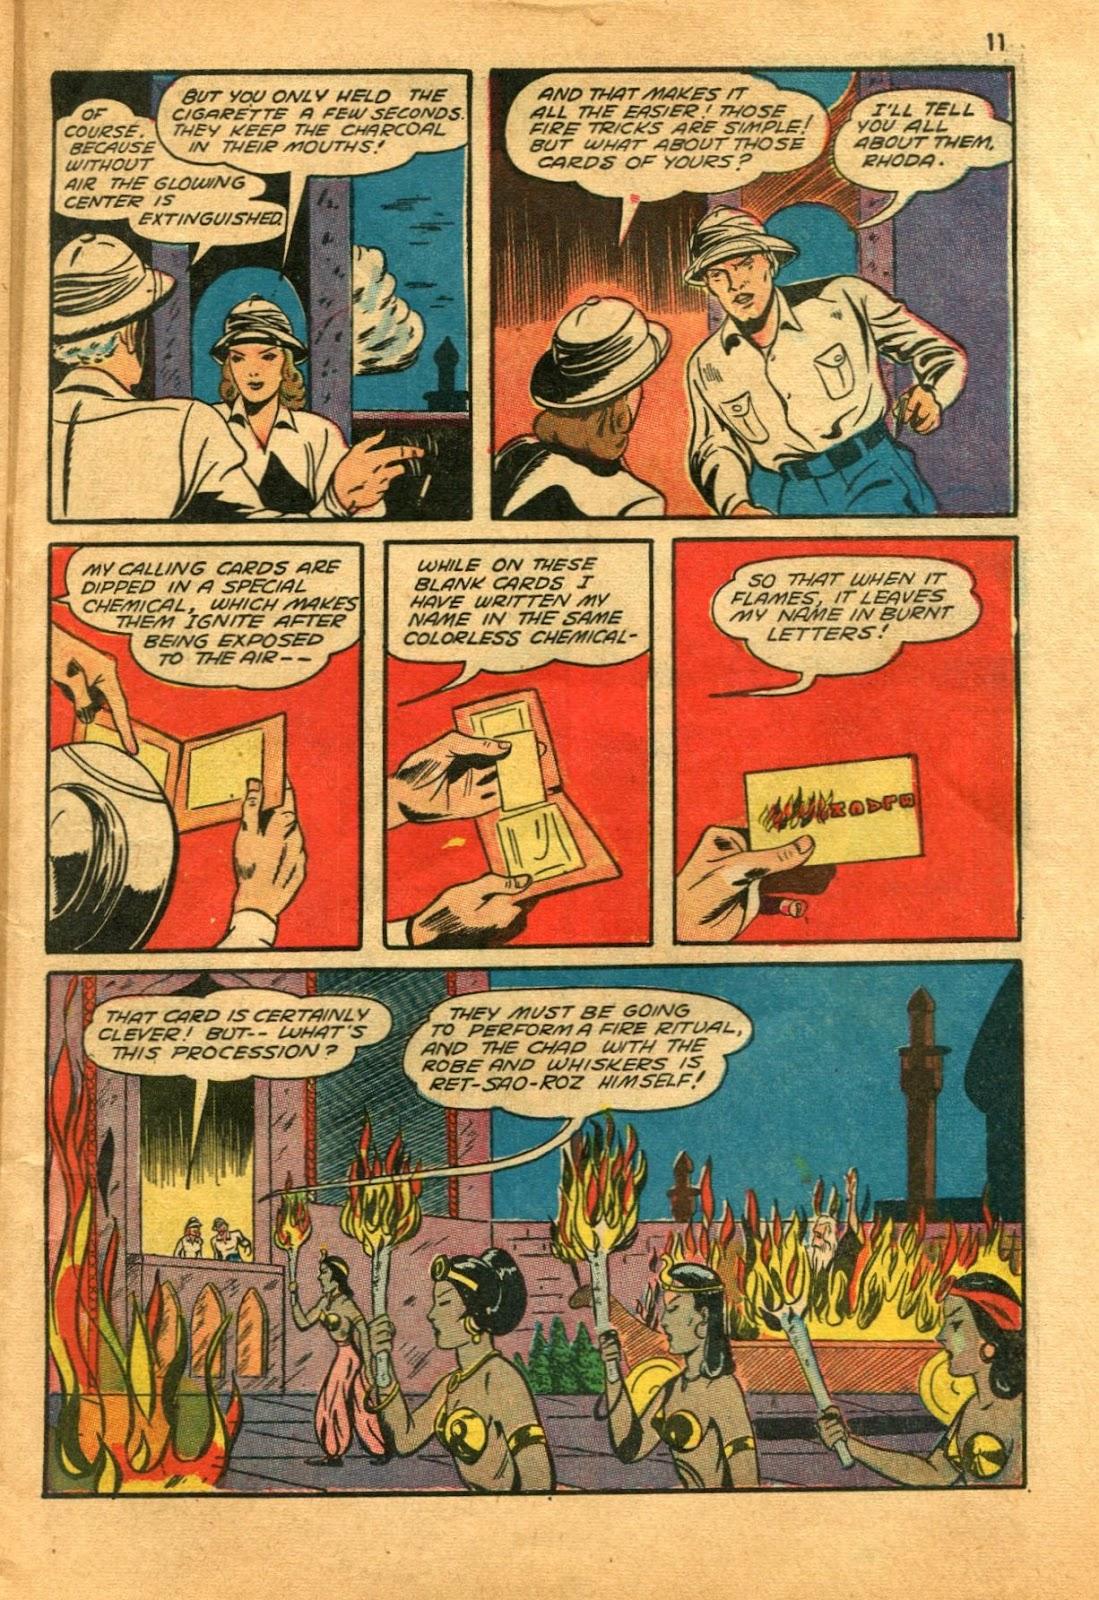 Read online Super-Magician Comics comic -  Issue #11 - 11